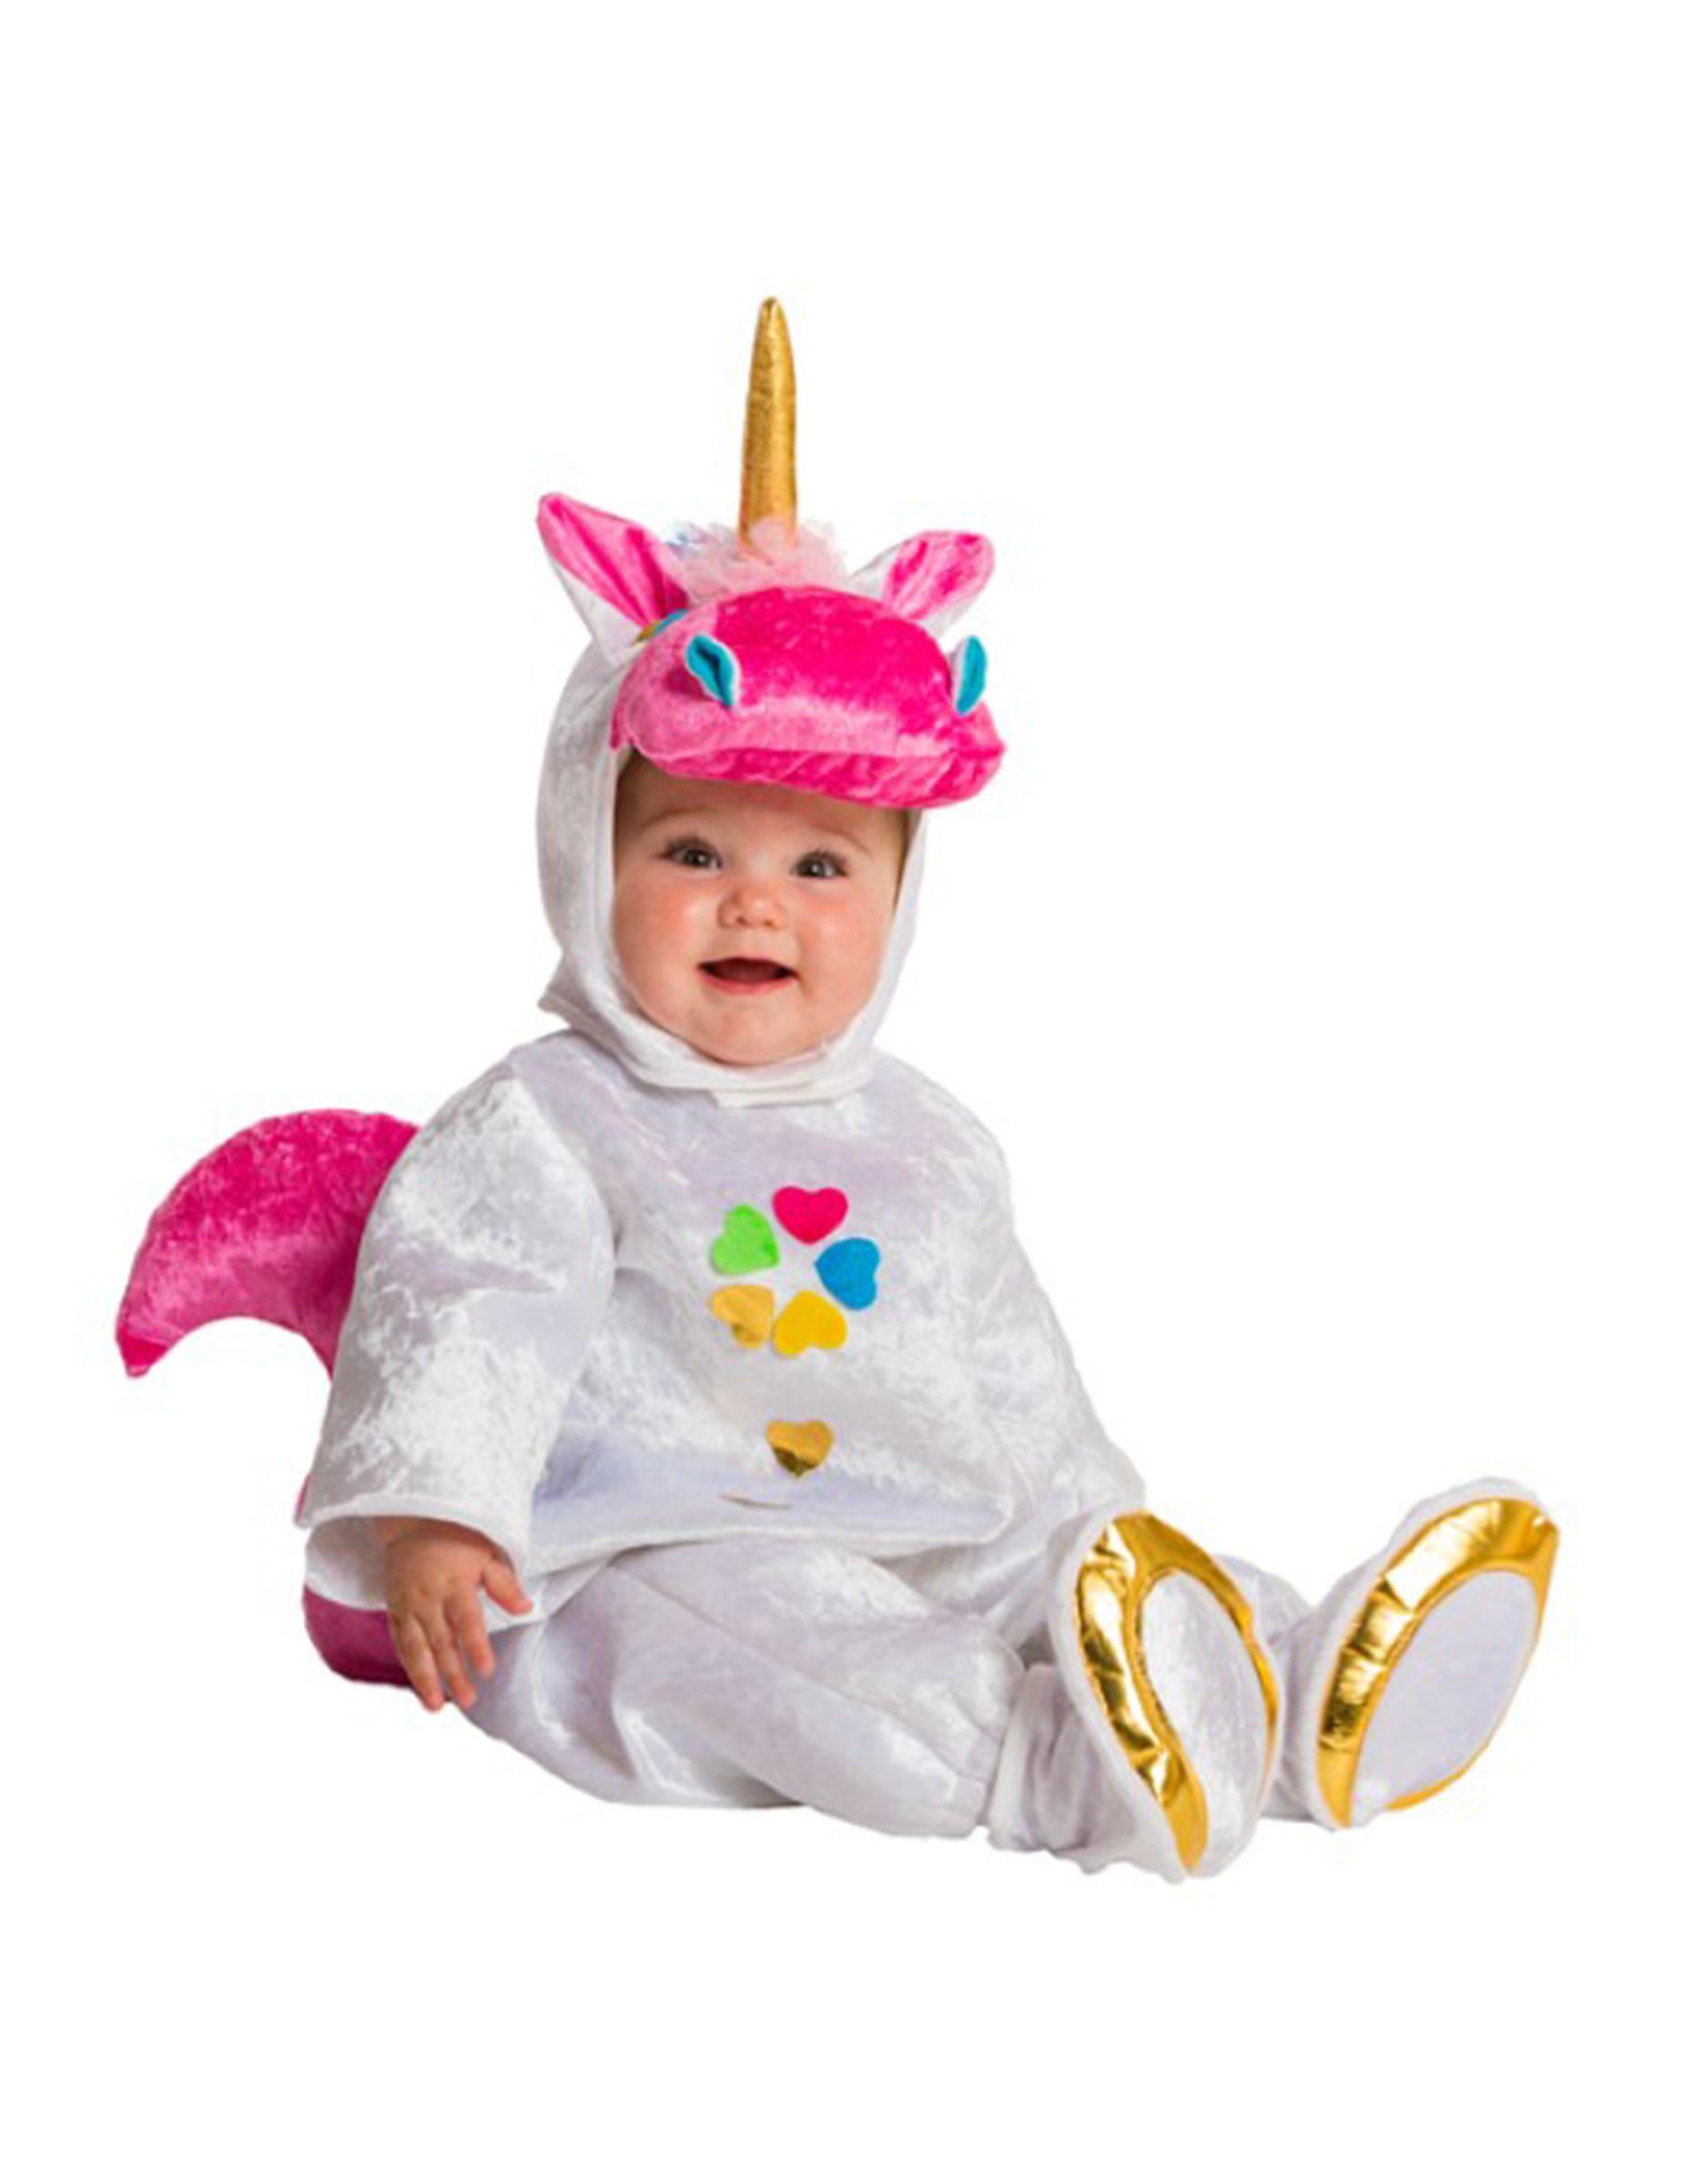 ad64e6bc1c040 Déguisement licorne bébé - Premium   Ce déguisement de licorne pour bébé se  compose d une combinaison